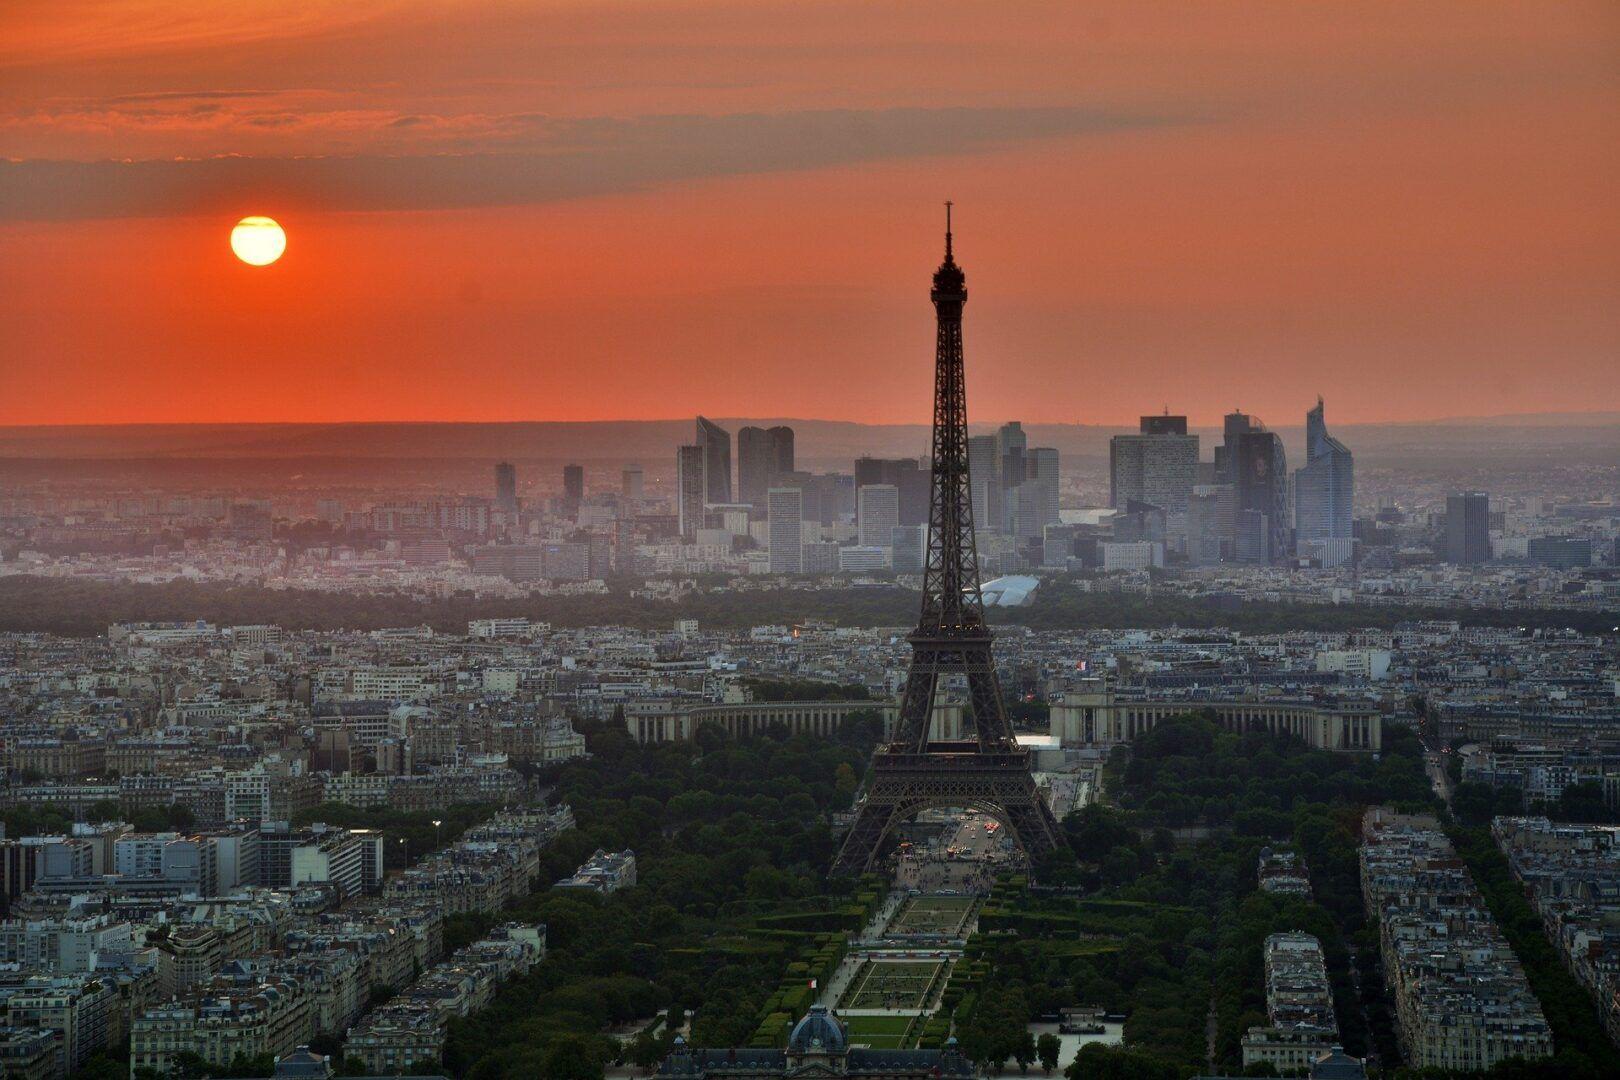 História da Torre Eiffel - origem e curiosidades sobre o monumento